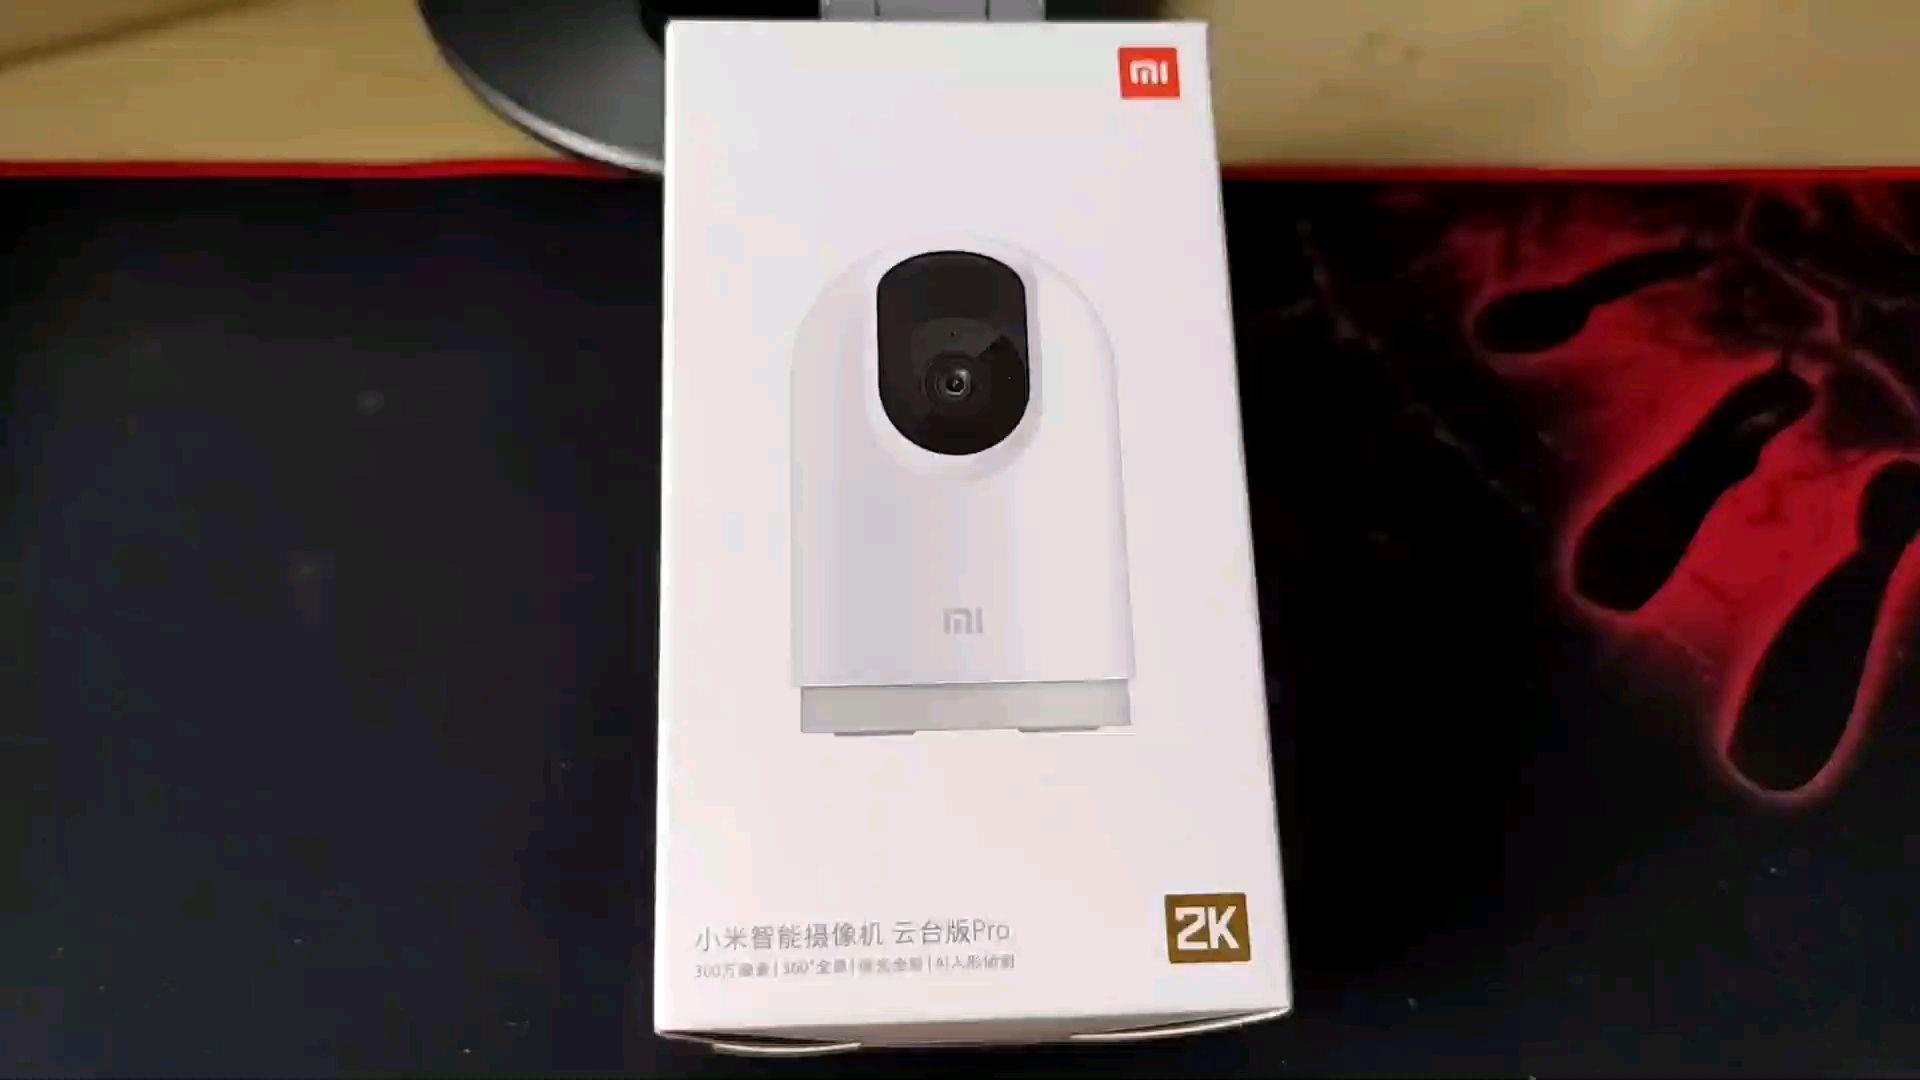 【小米百货】小米智能摄像机云台版Pro(紫薇花少年)